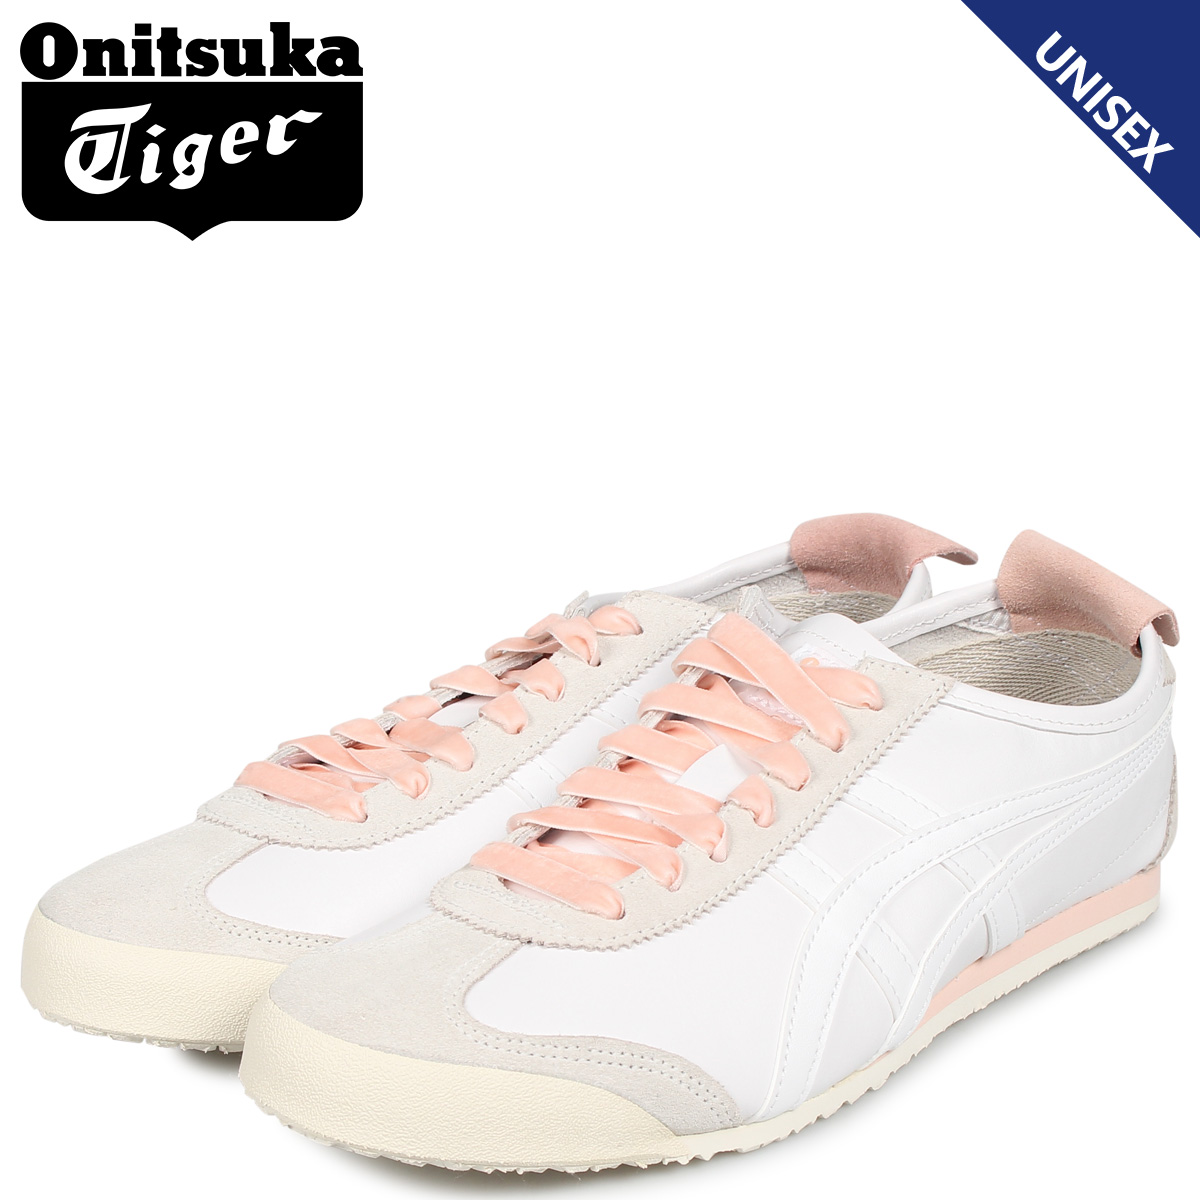 Onitsuka Tiger オニツカタイガー メキシコ 66 スニーカー メンズ レディース MEXICO 66 ホワイト 白 1182A104-100